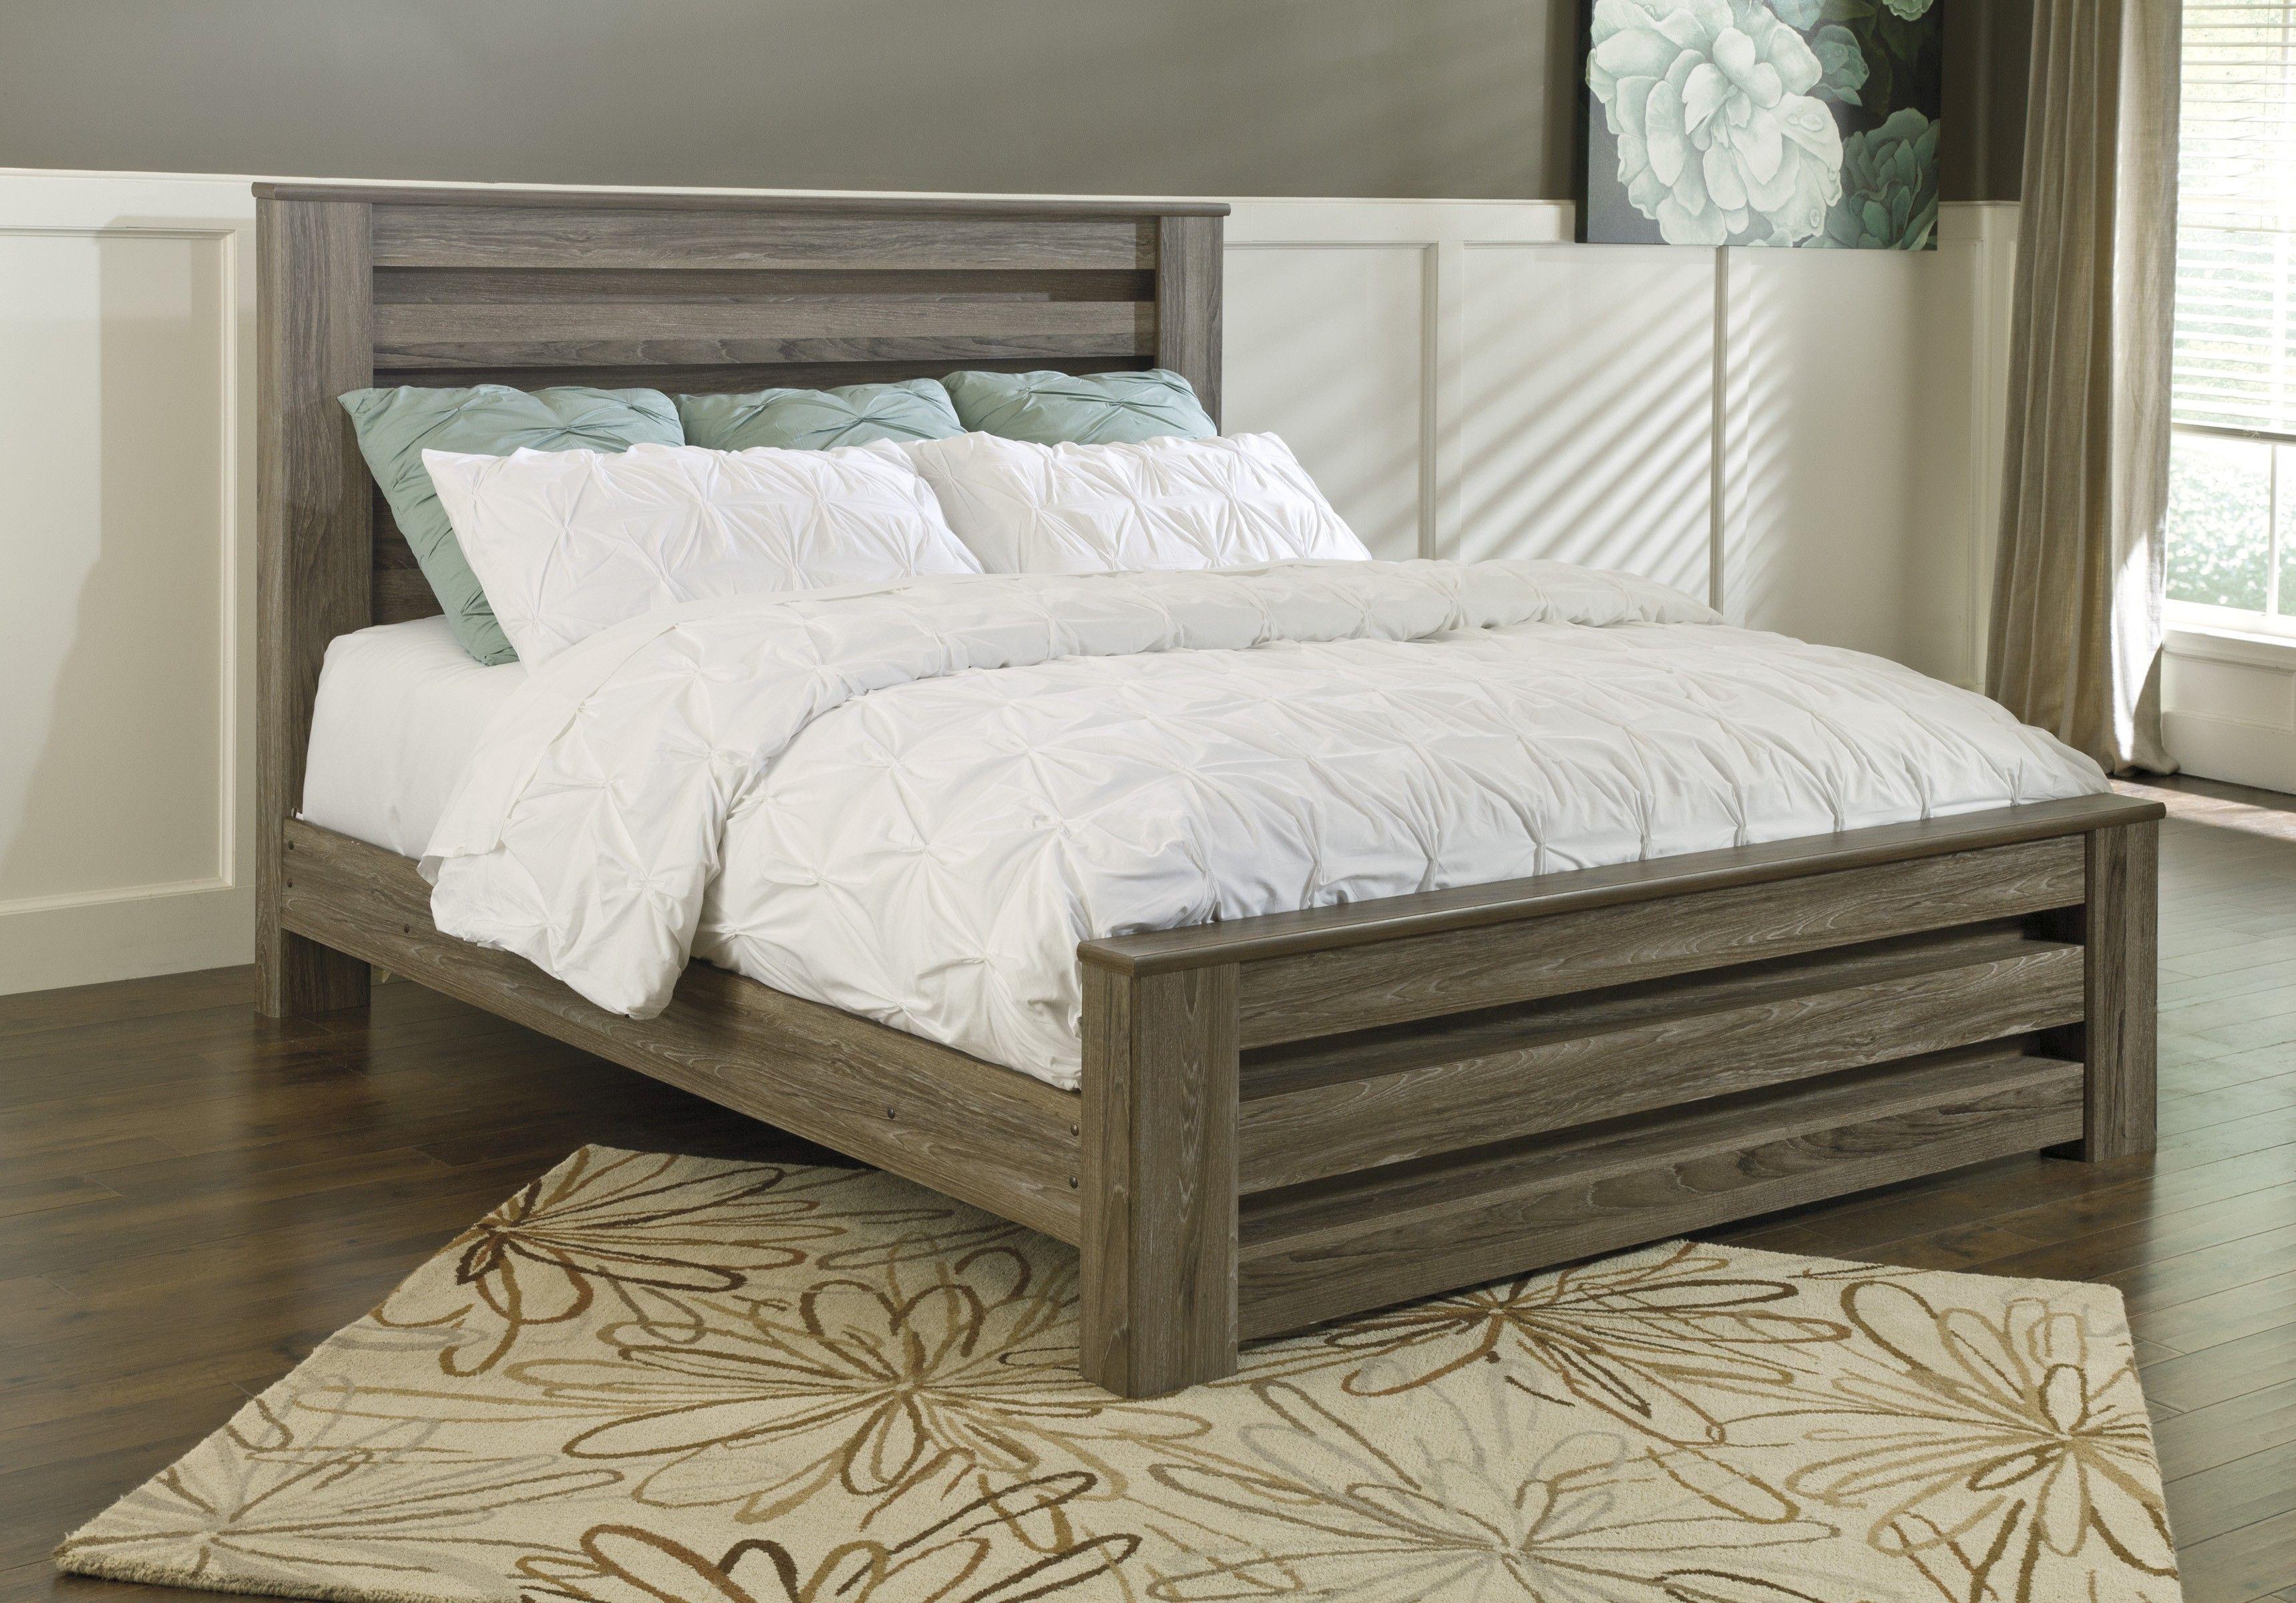 Zelen King Bed Beds Bedroom King poster bed, Bedroom